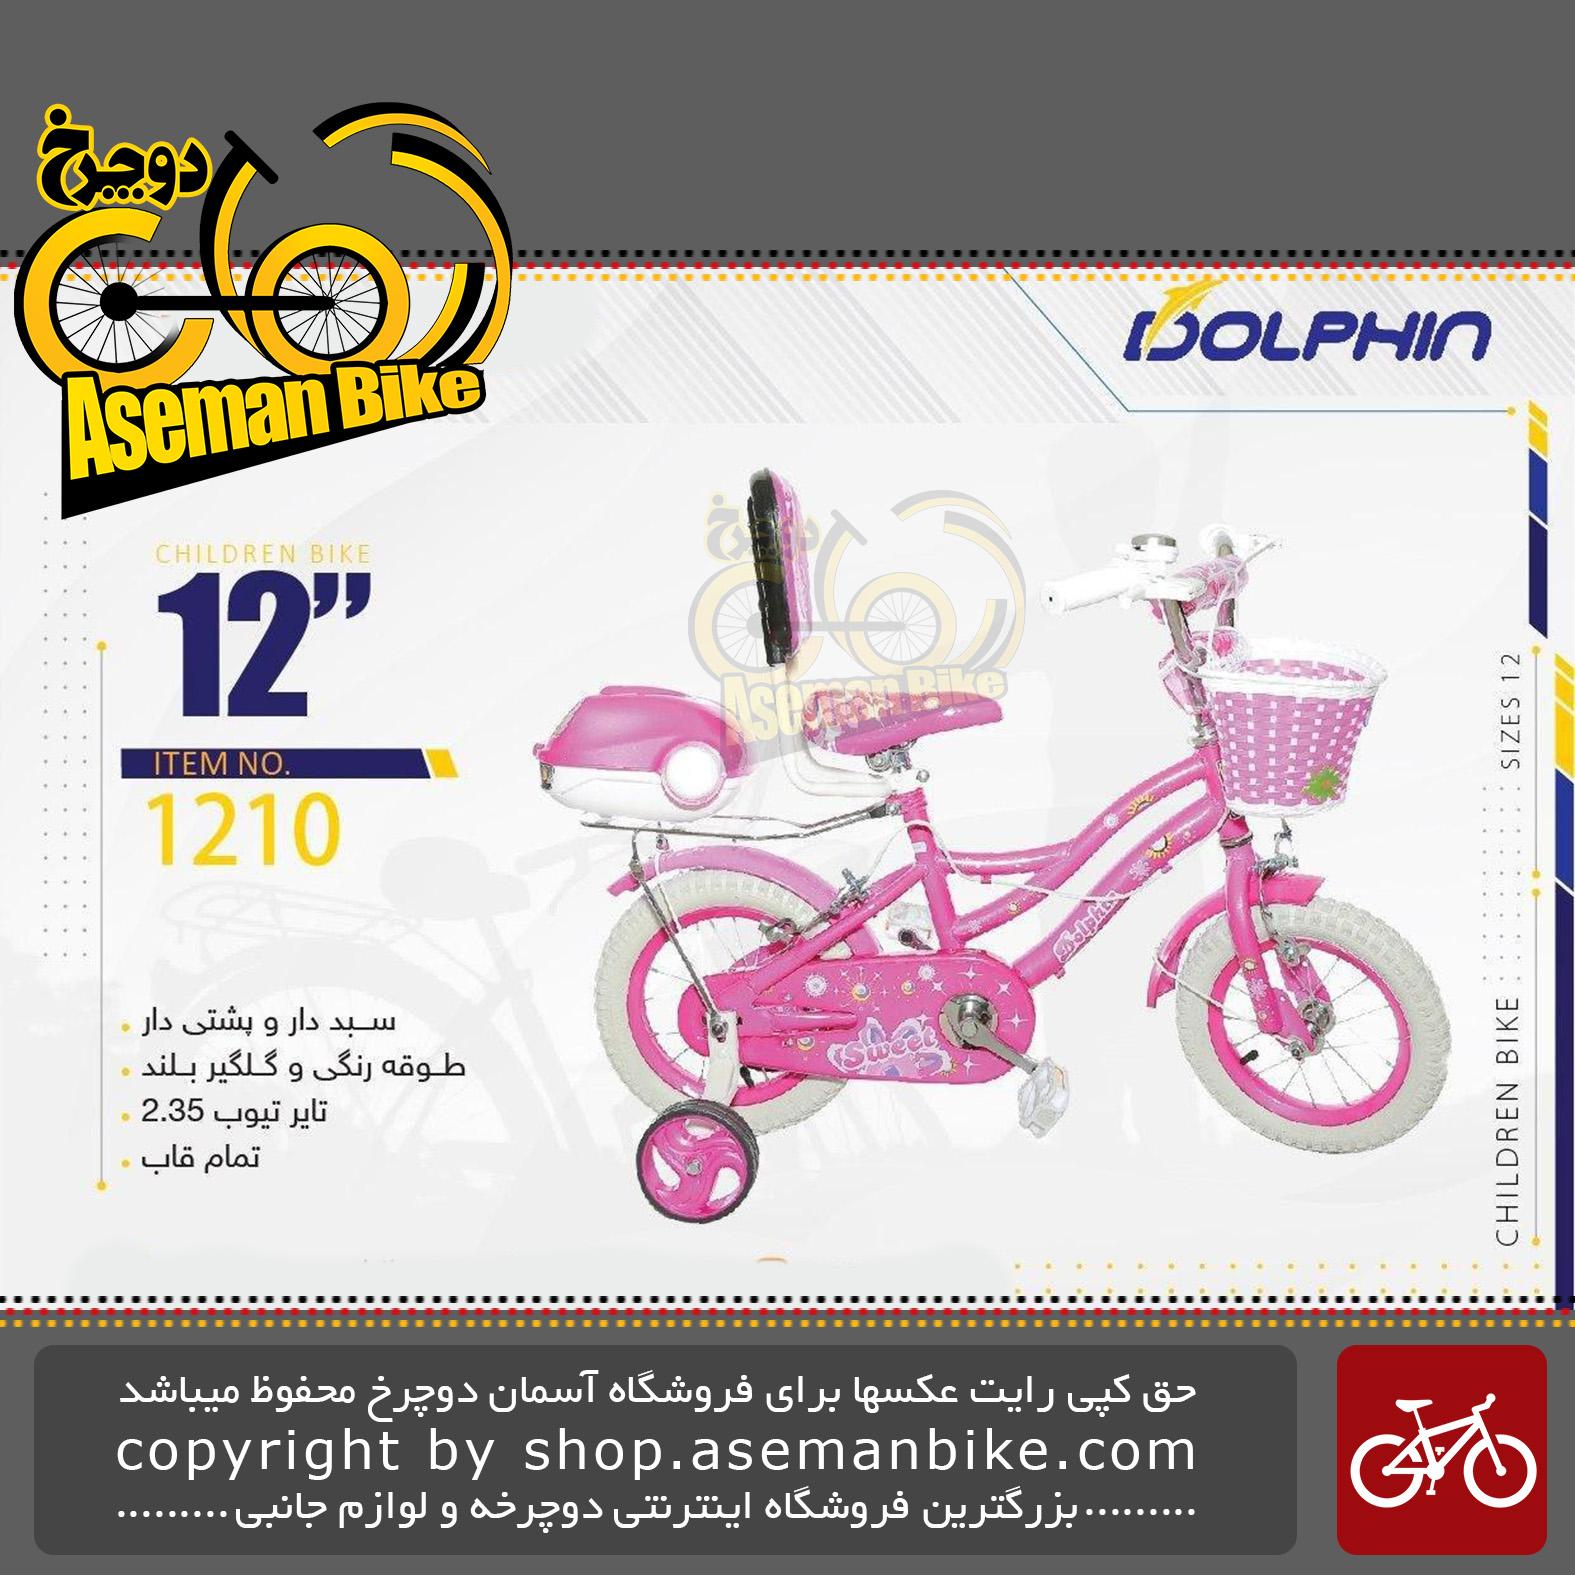 دوچرخه بچگانه دلفین سایز 12 پشتی دار صندوق دار سبد دار مدل 1210 DOLPHIN Bicycle Kids Size 12 Model 1210